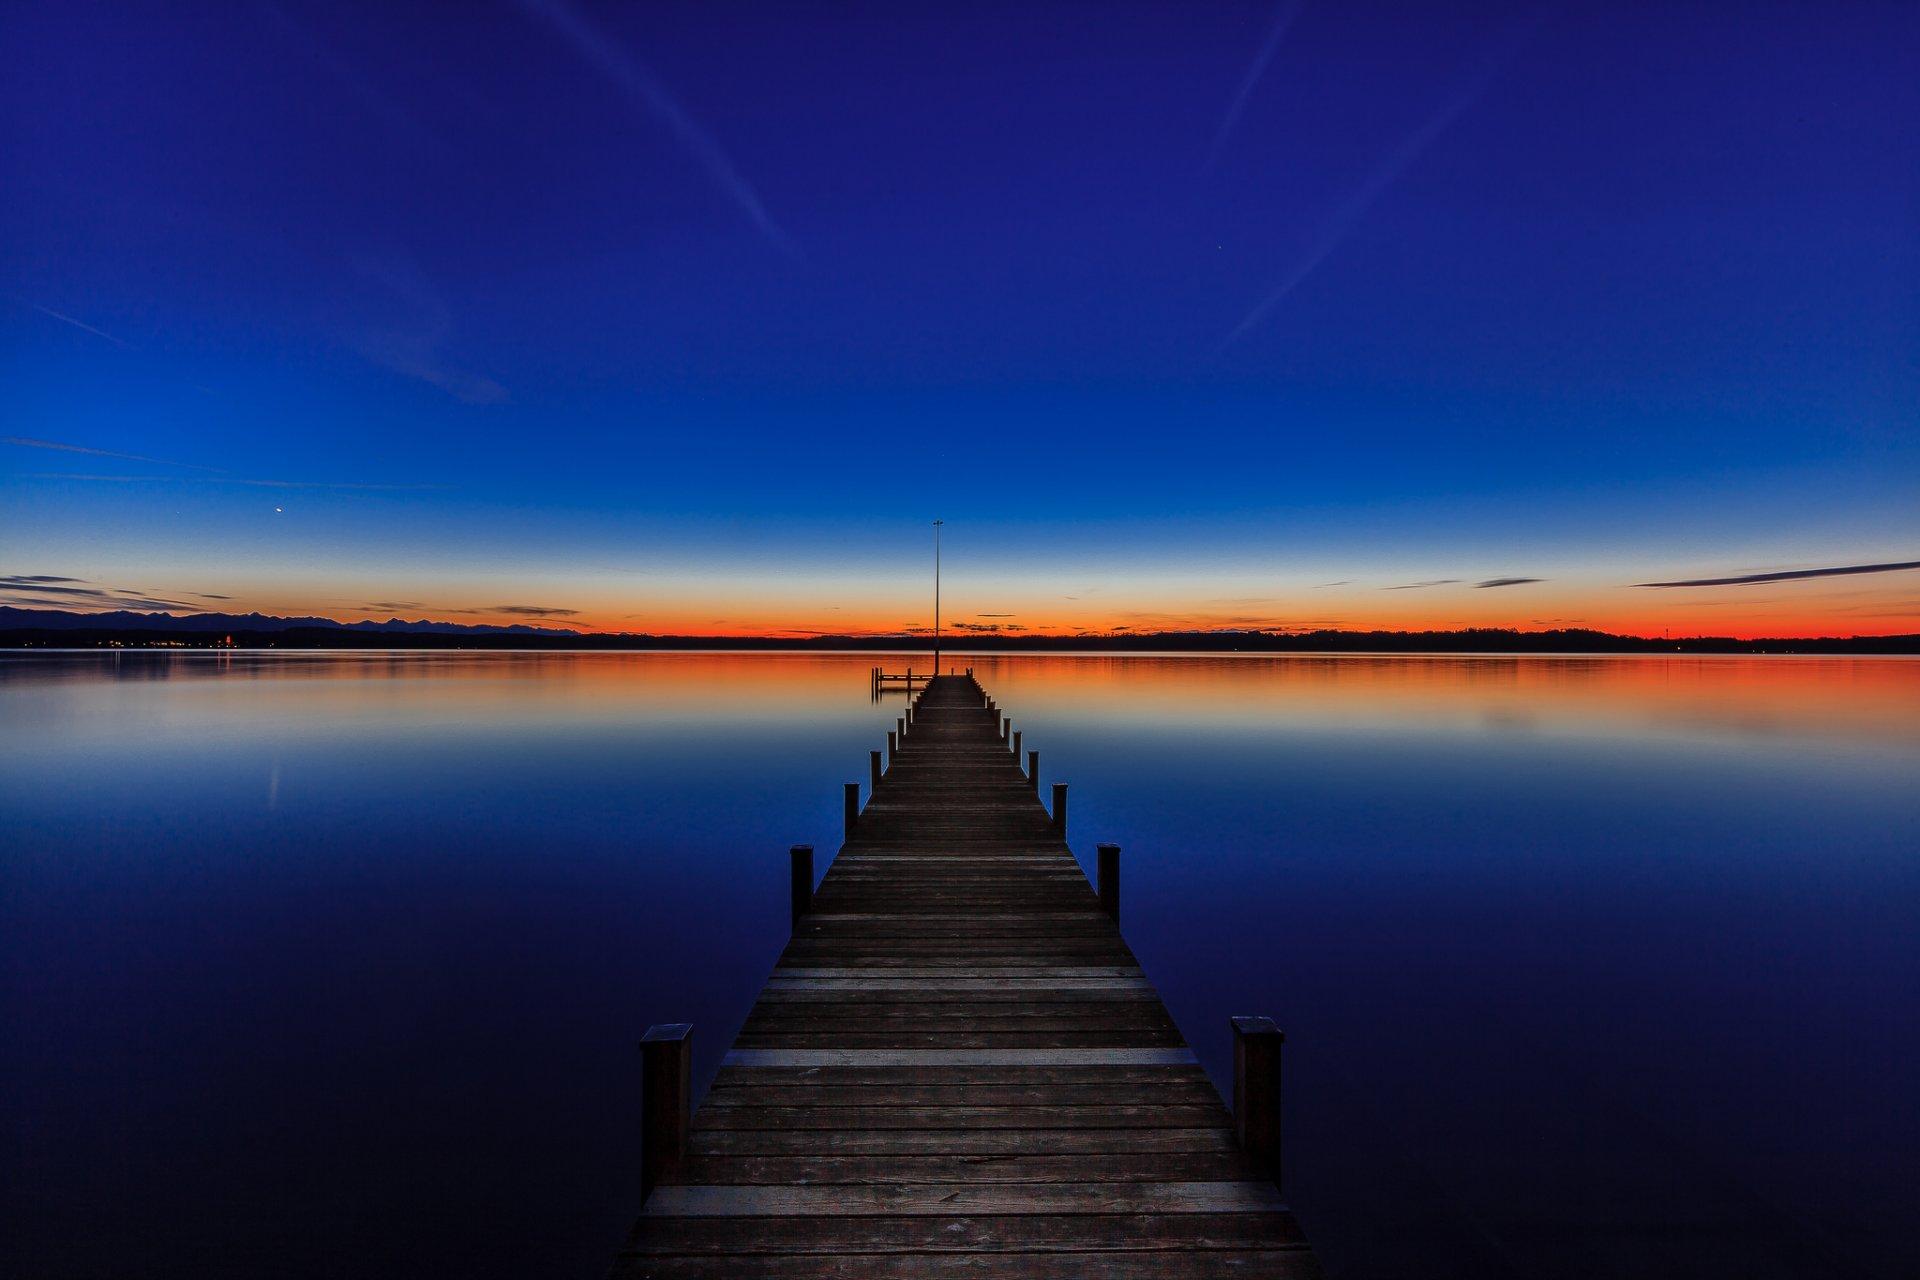 закат, пирс, озеро загрузить